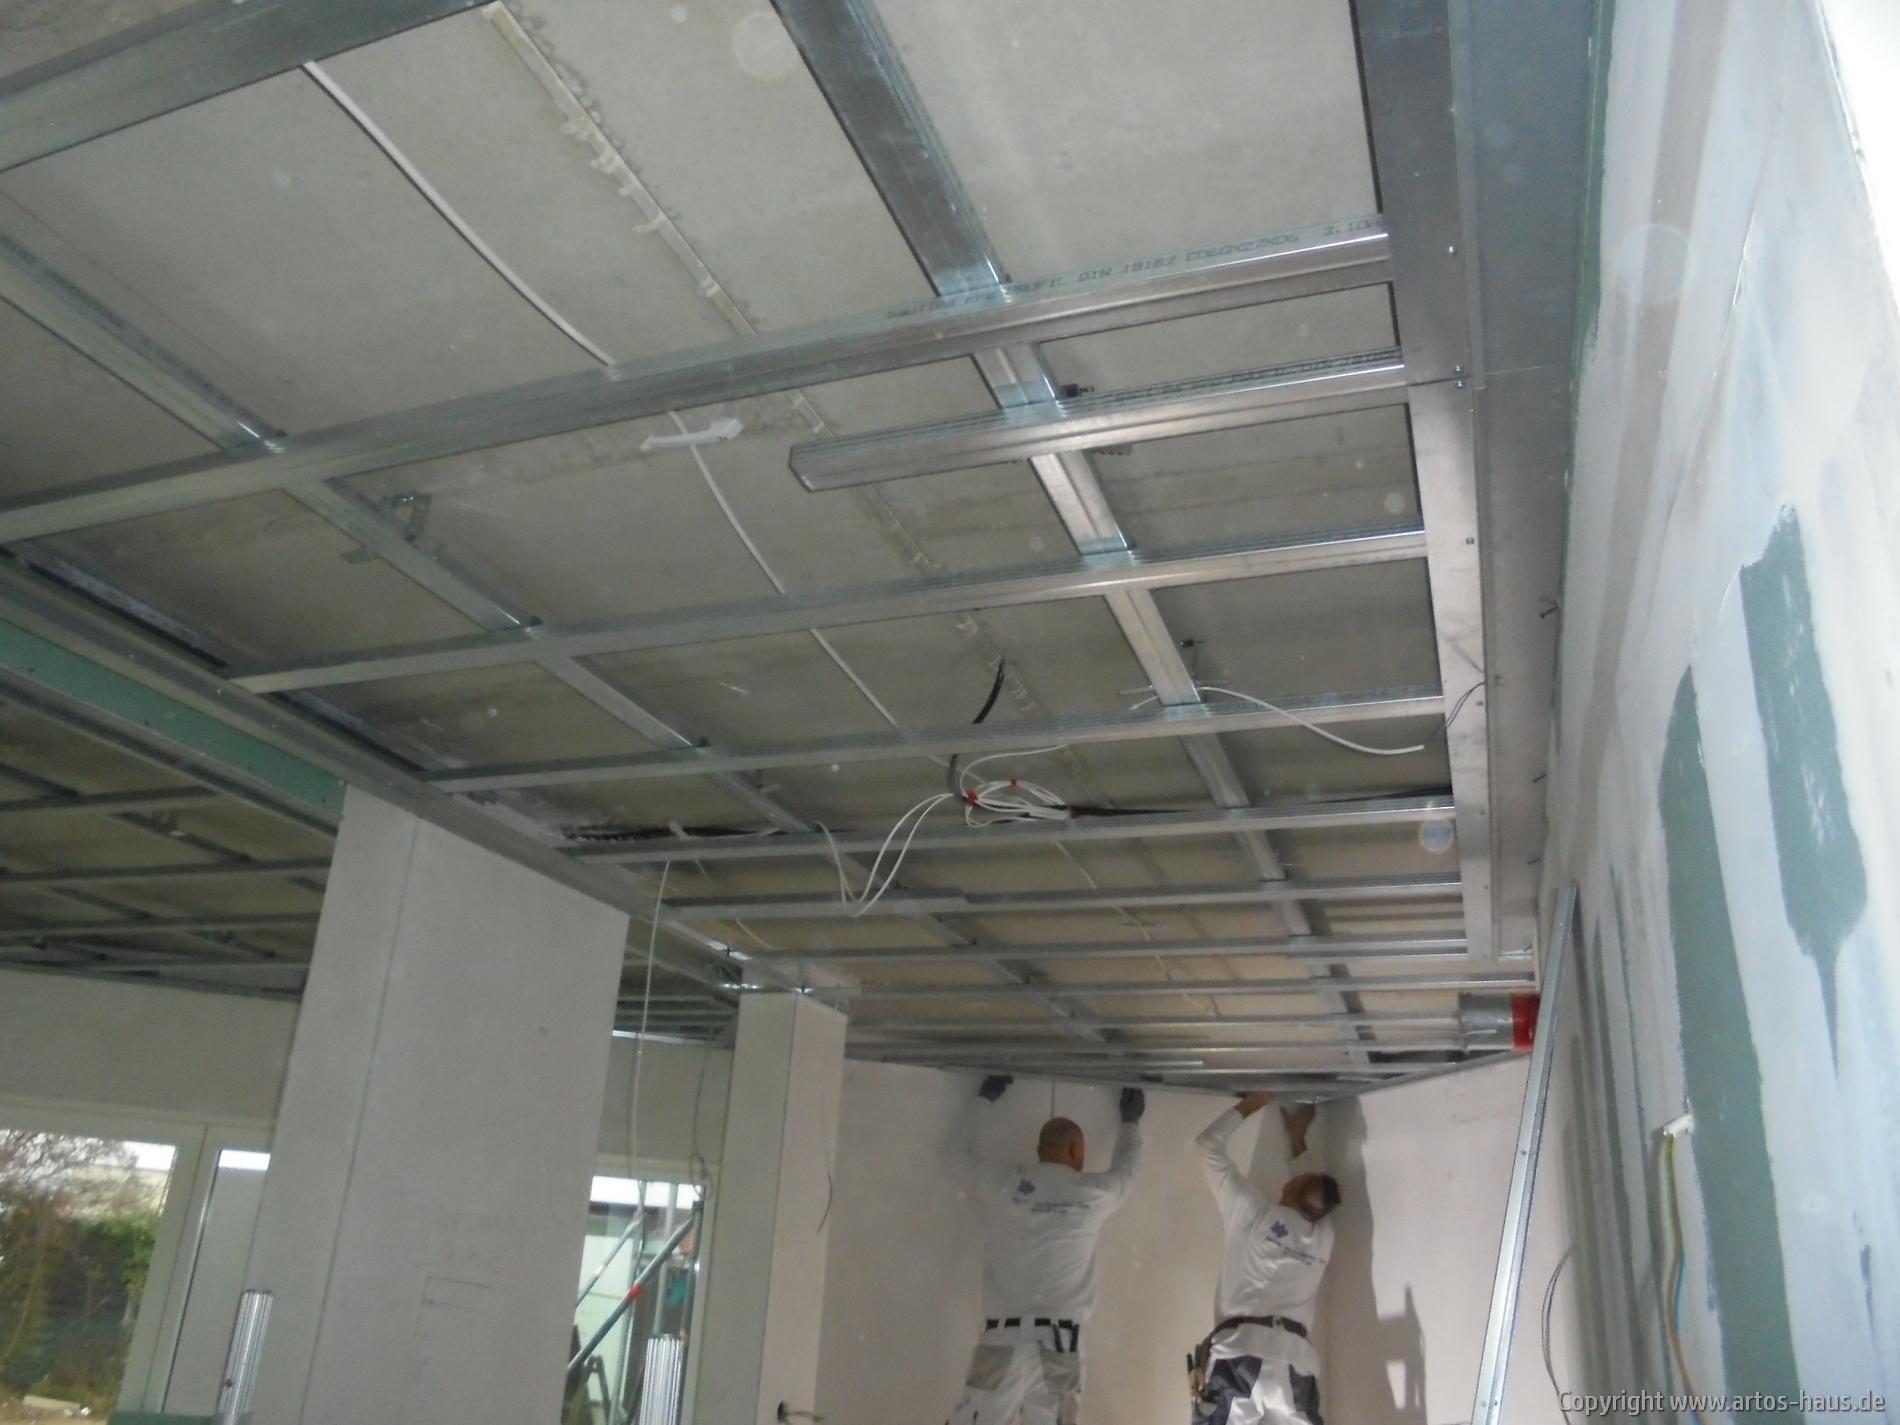 Abhangdecke | ARTOS-HAUS Bauvorhaben, Bild 4